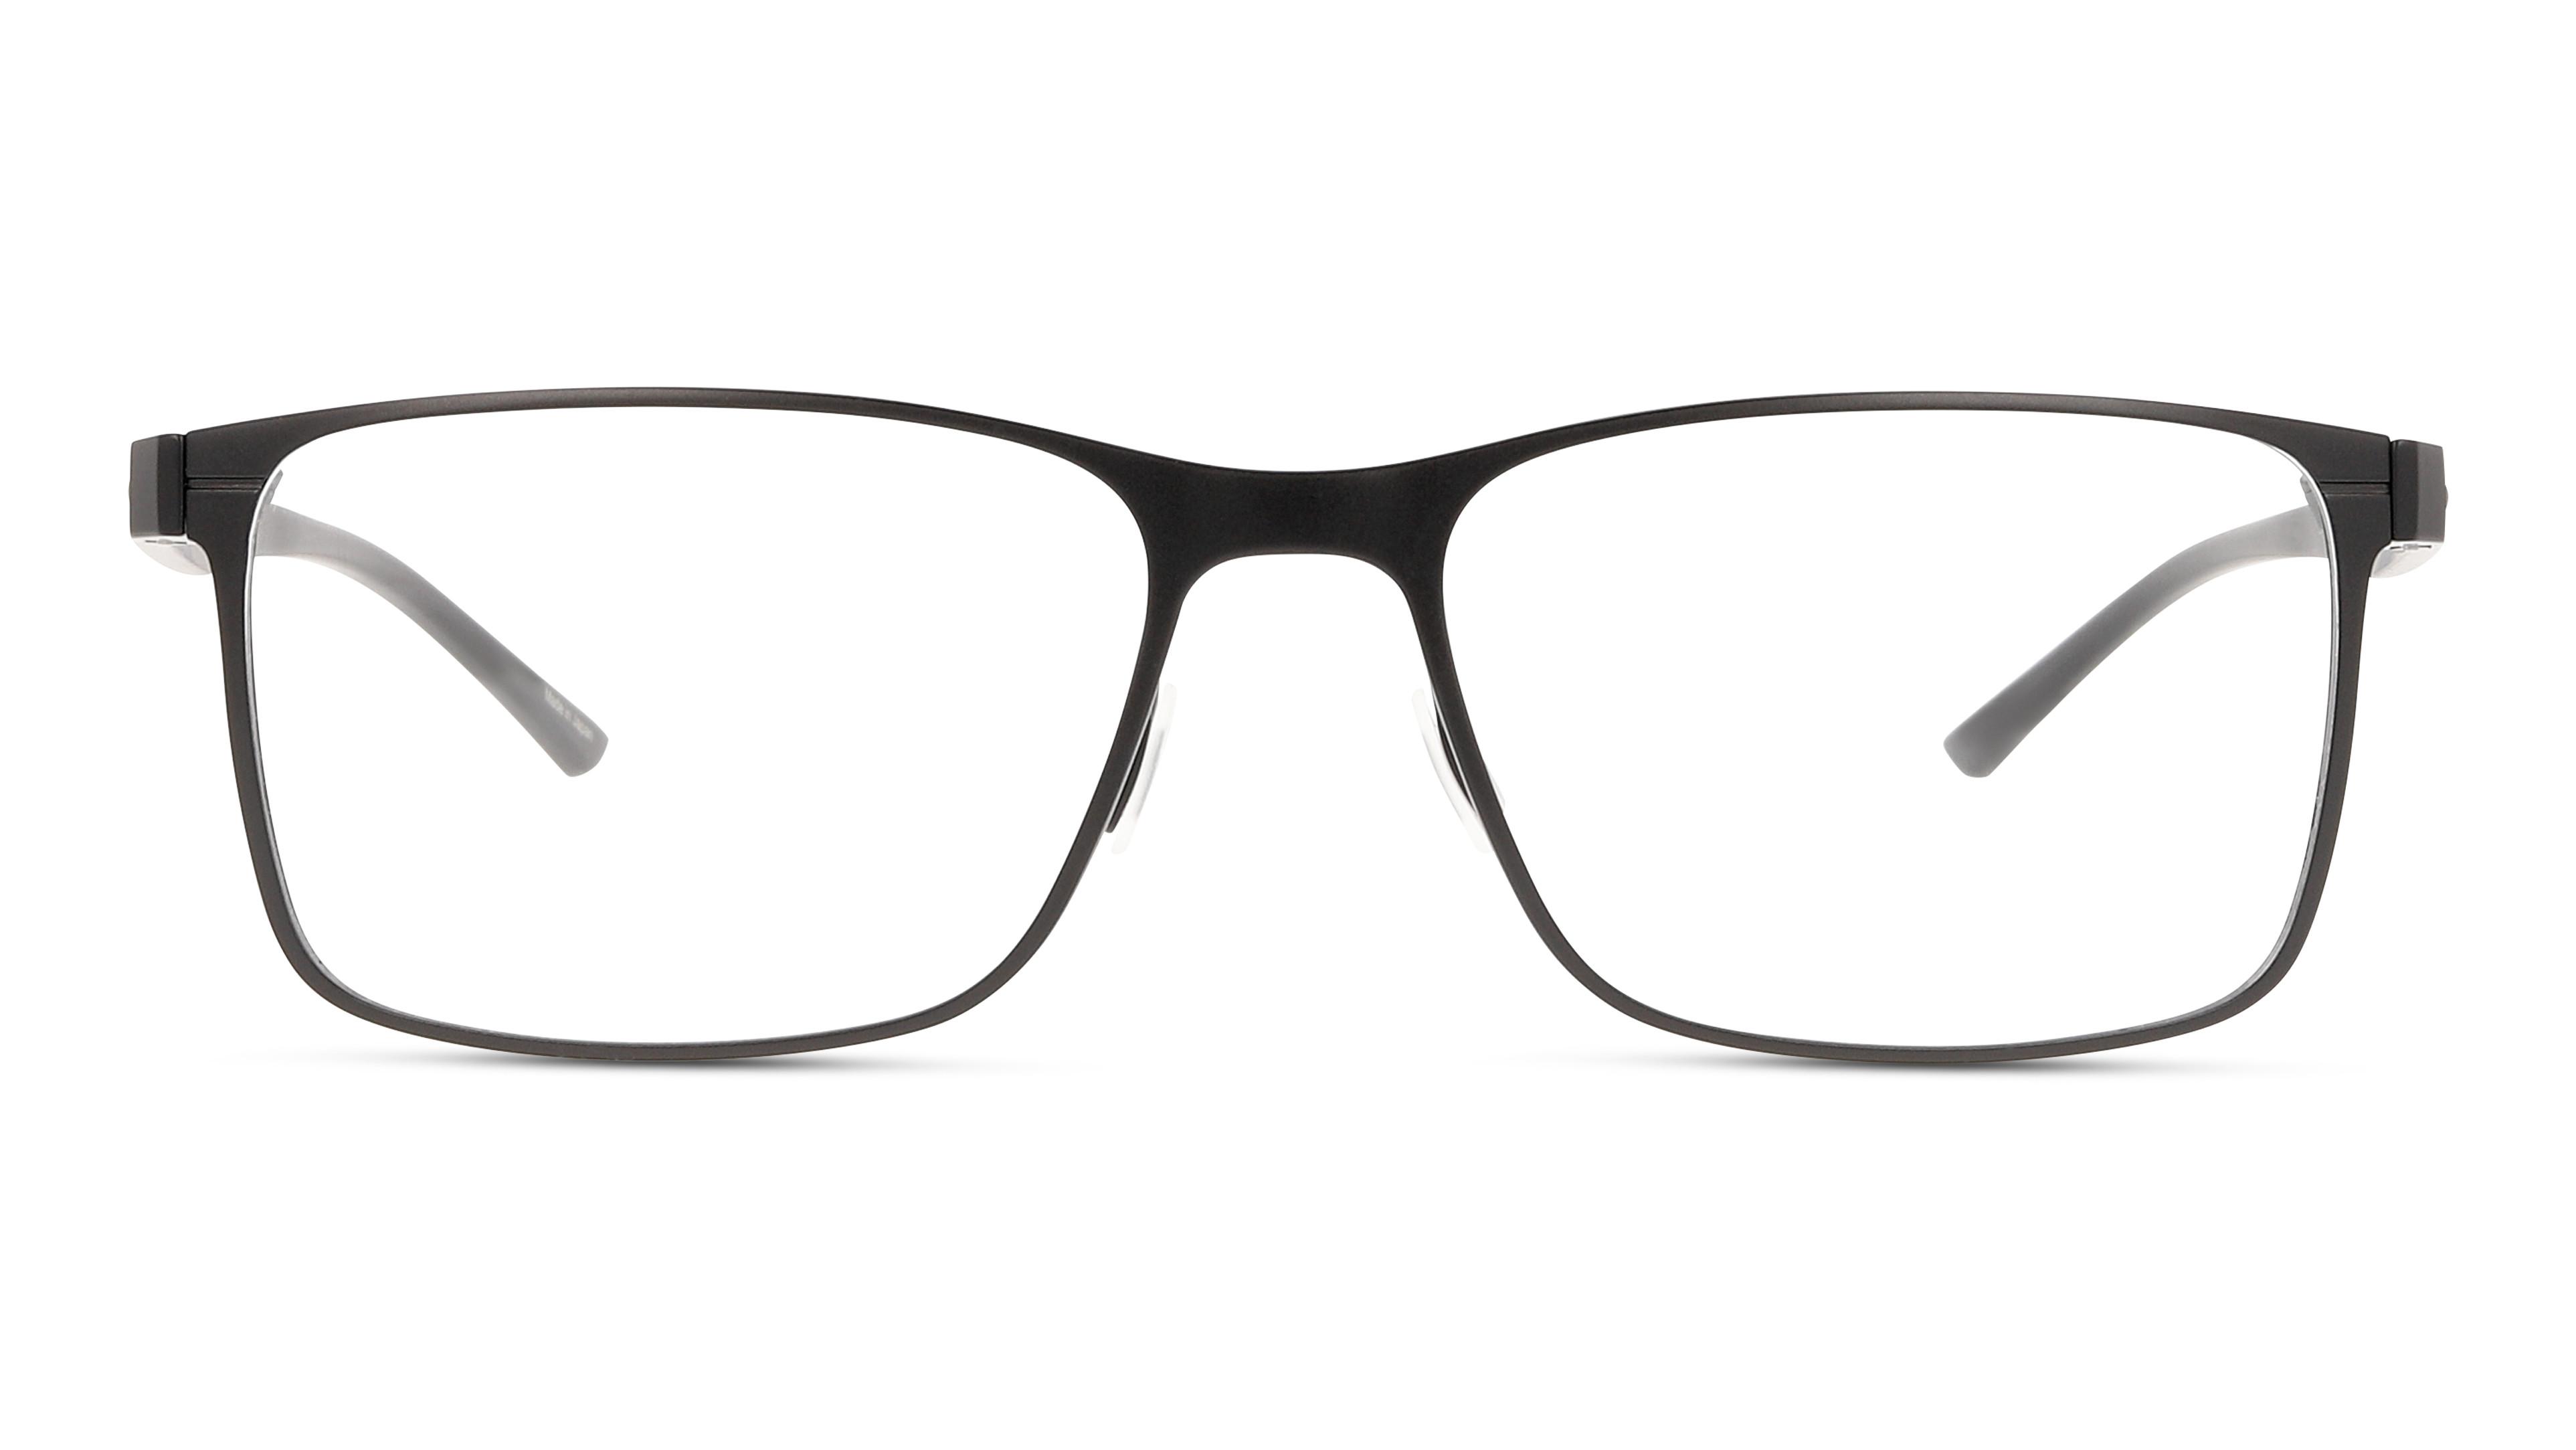 4046901035884-front-01-porsche-design-p8346-eyewear-black